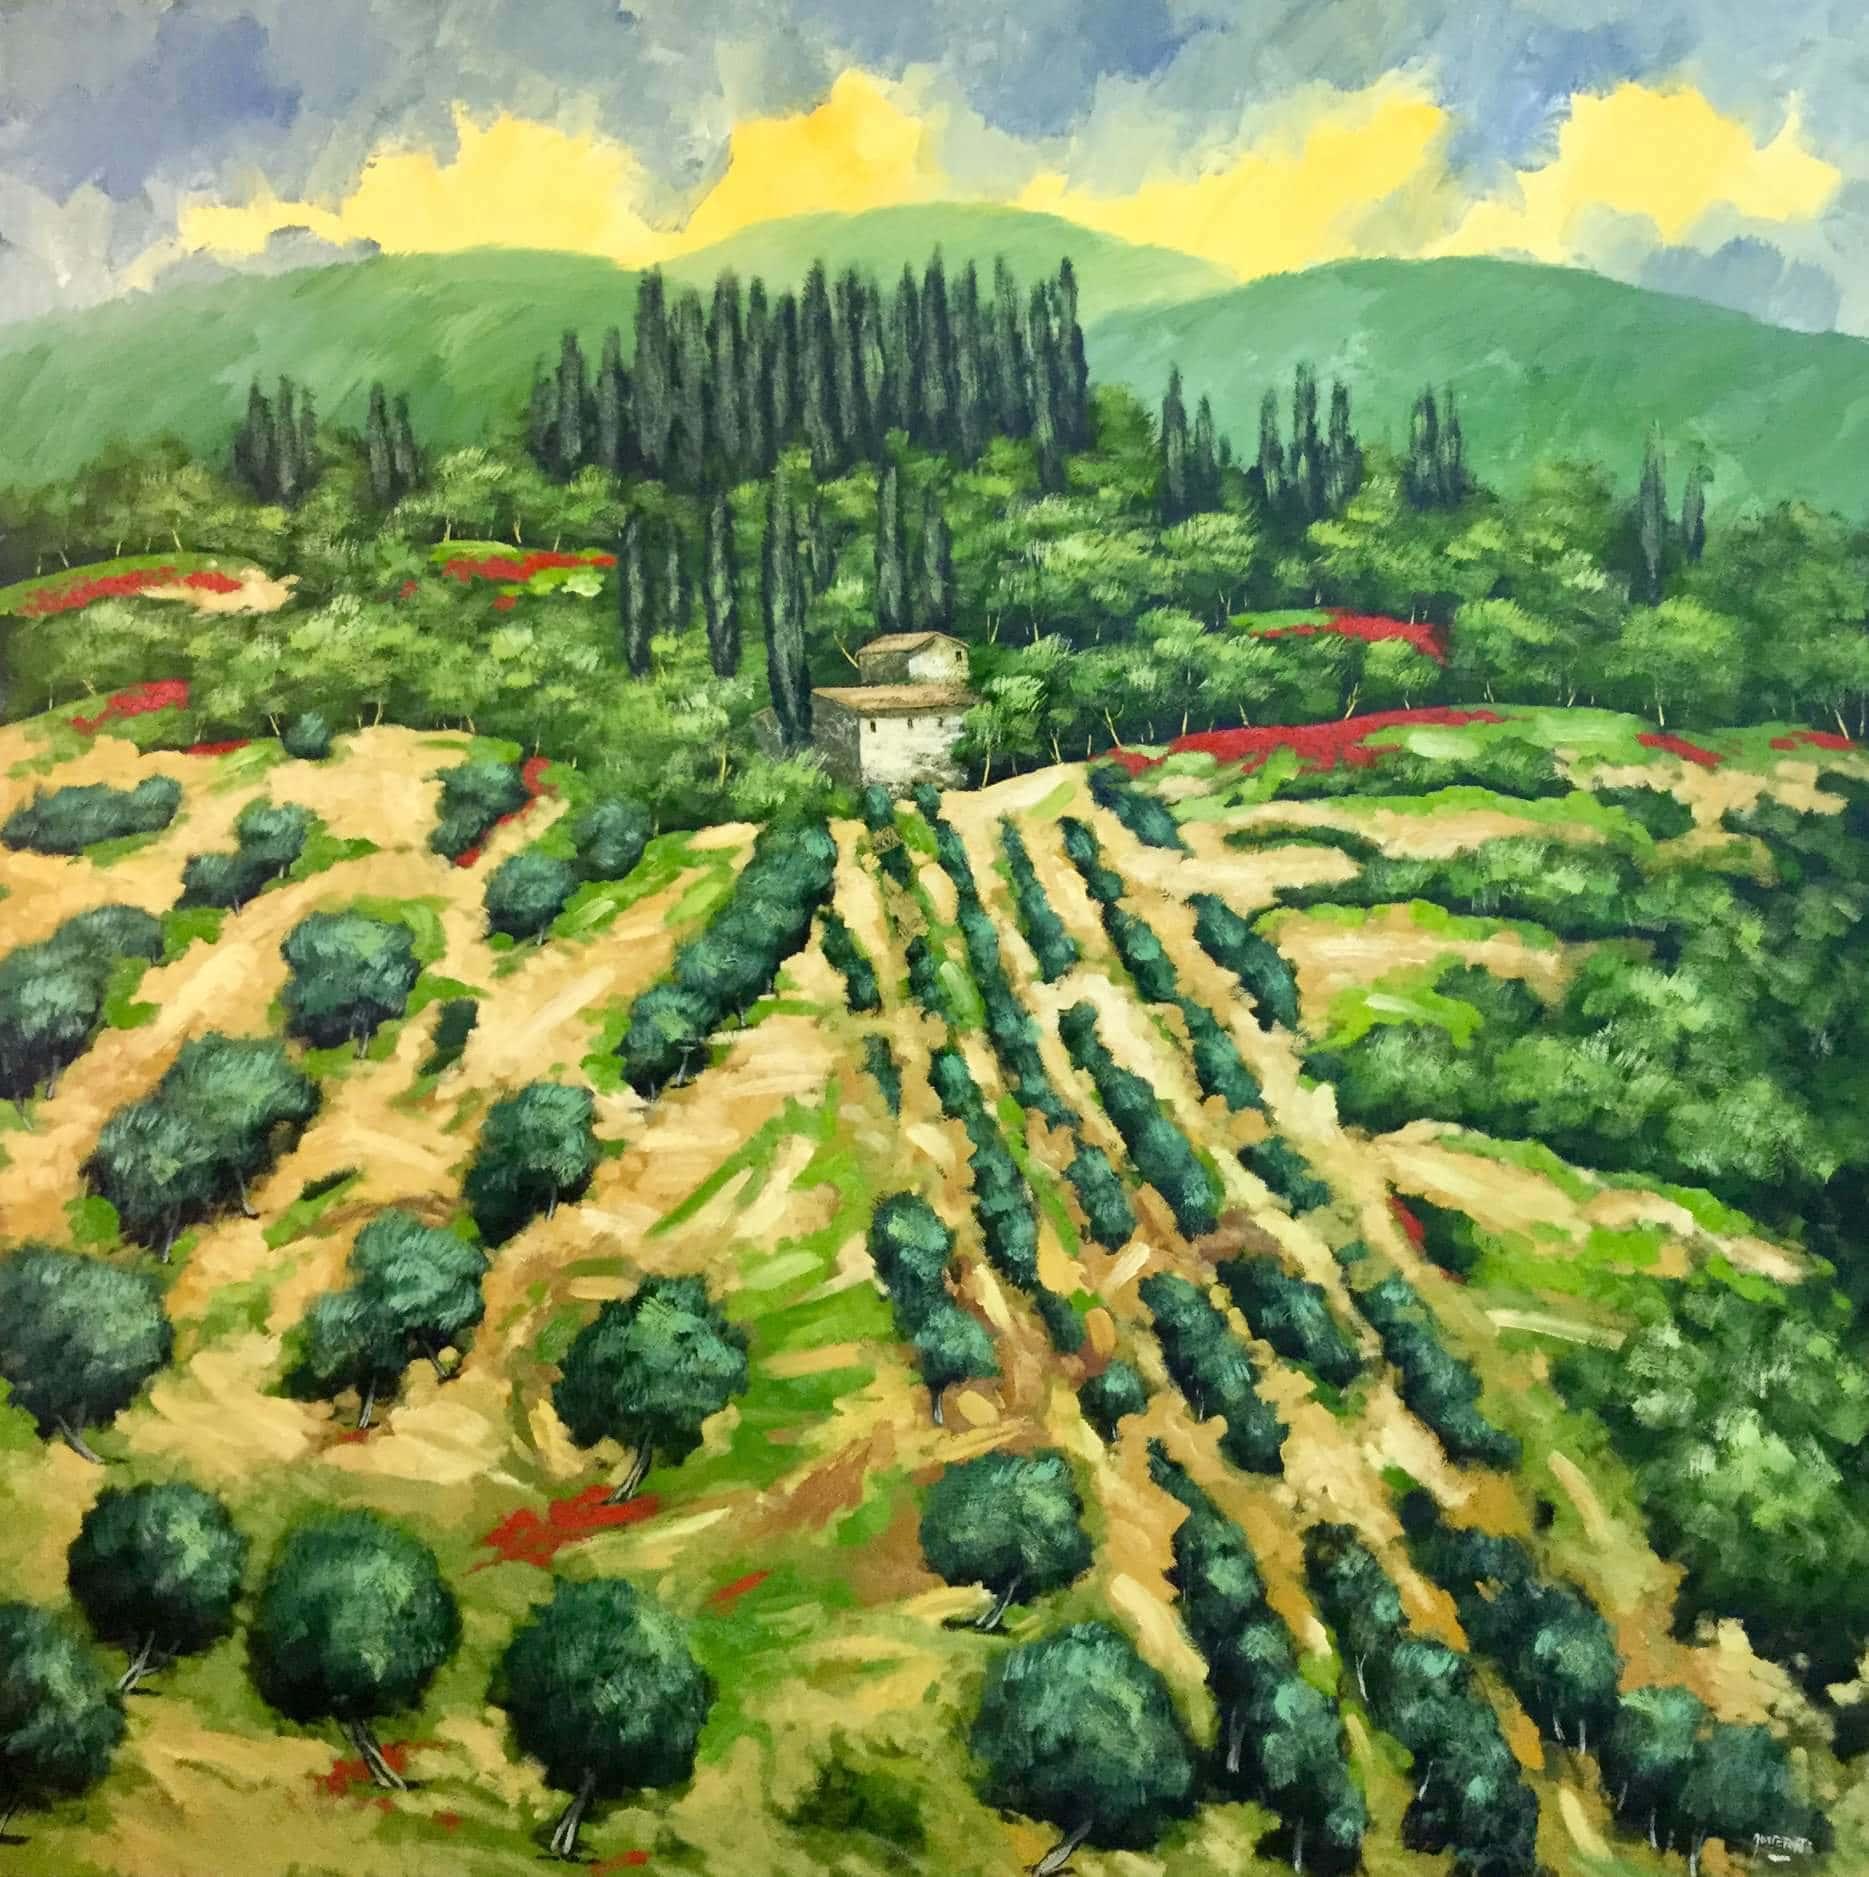 Domenico Monteforte Collina in Toscana olio su tela anno 2018.jpg - Il mondo della pittura vista con gli occhi di Domenico Monteforte